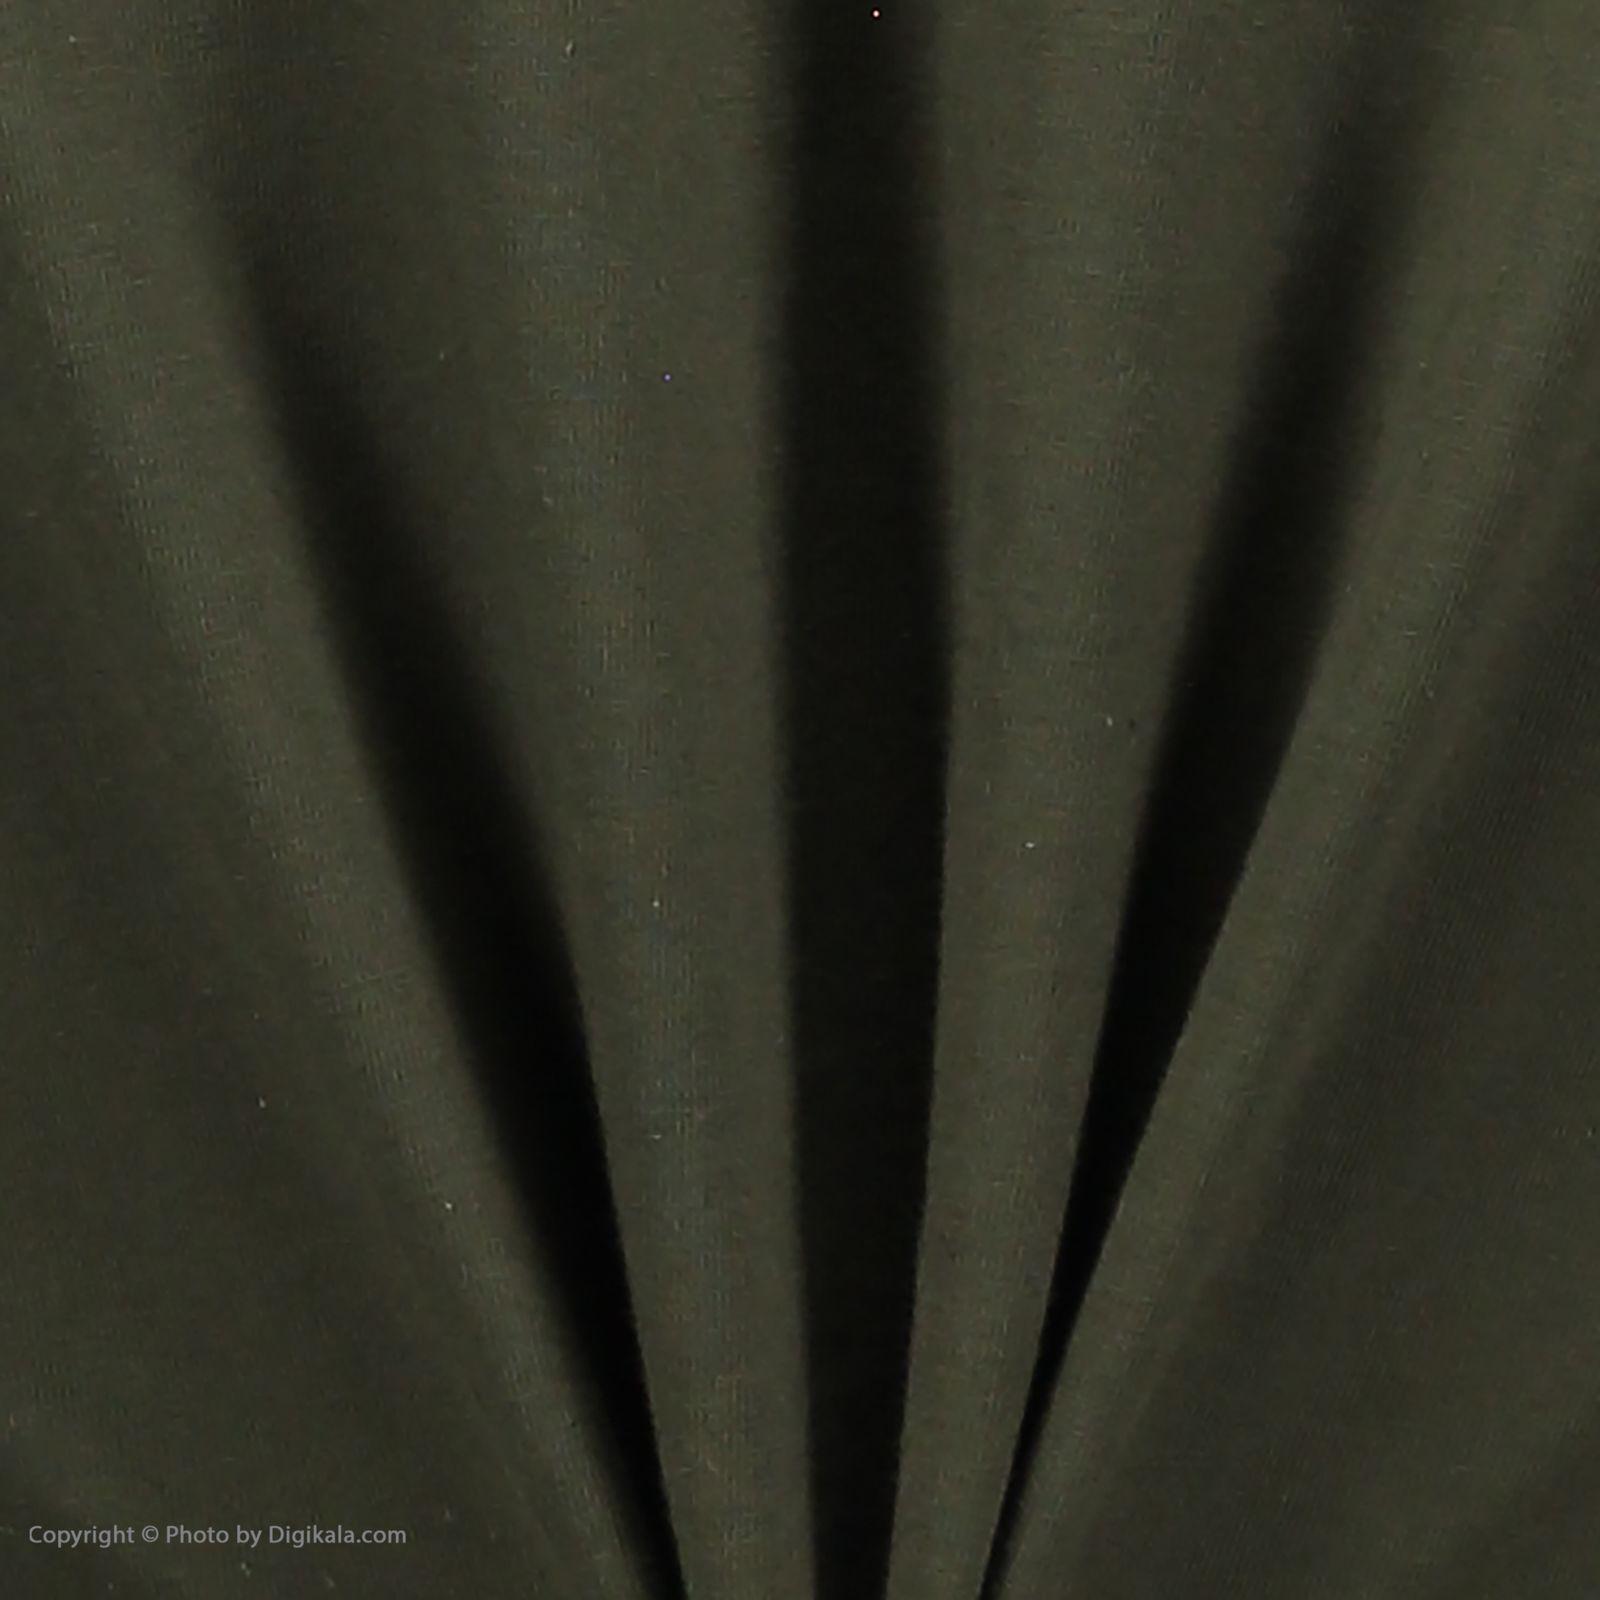 تی شرت ورزشی مردانه یونی پرو مدل 914119313-60 -  - 5